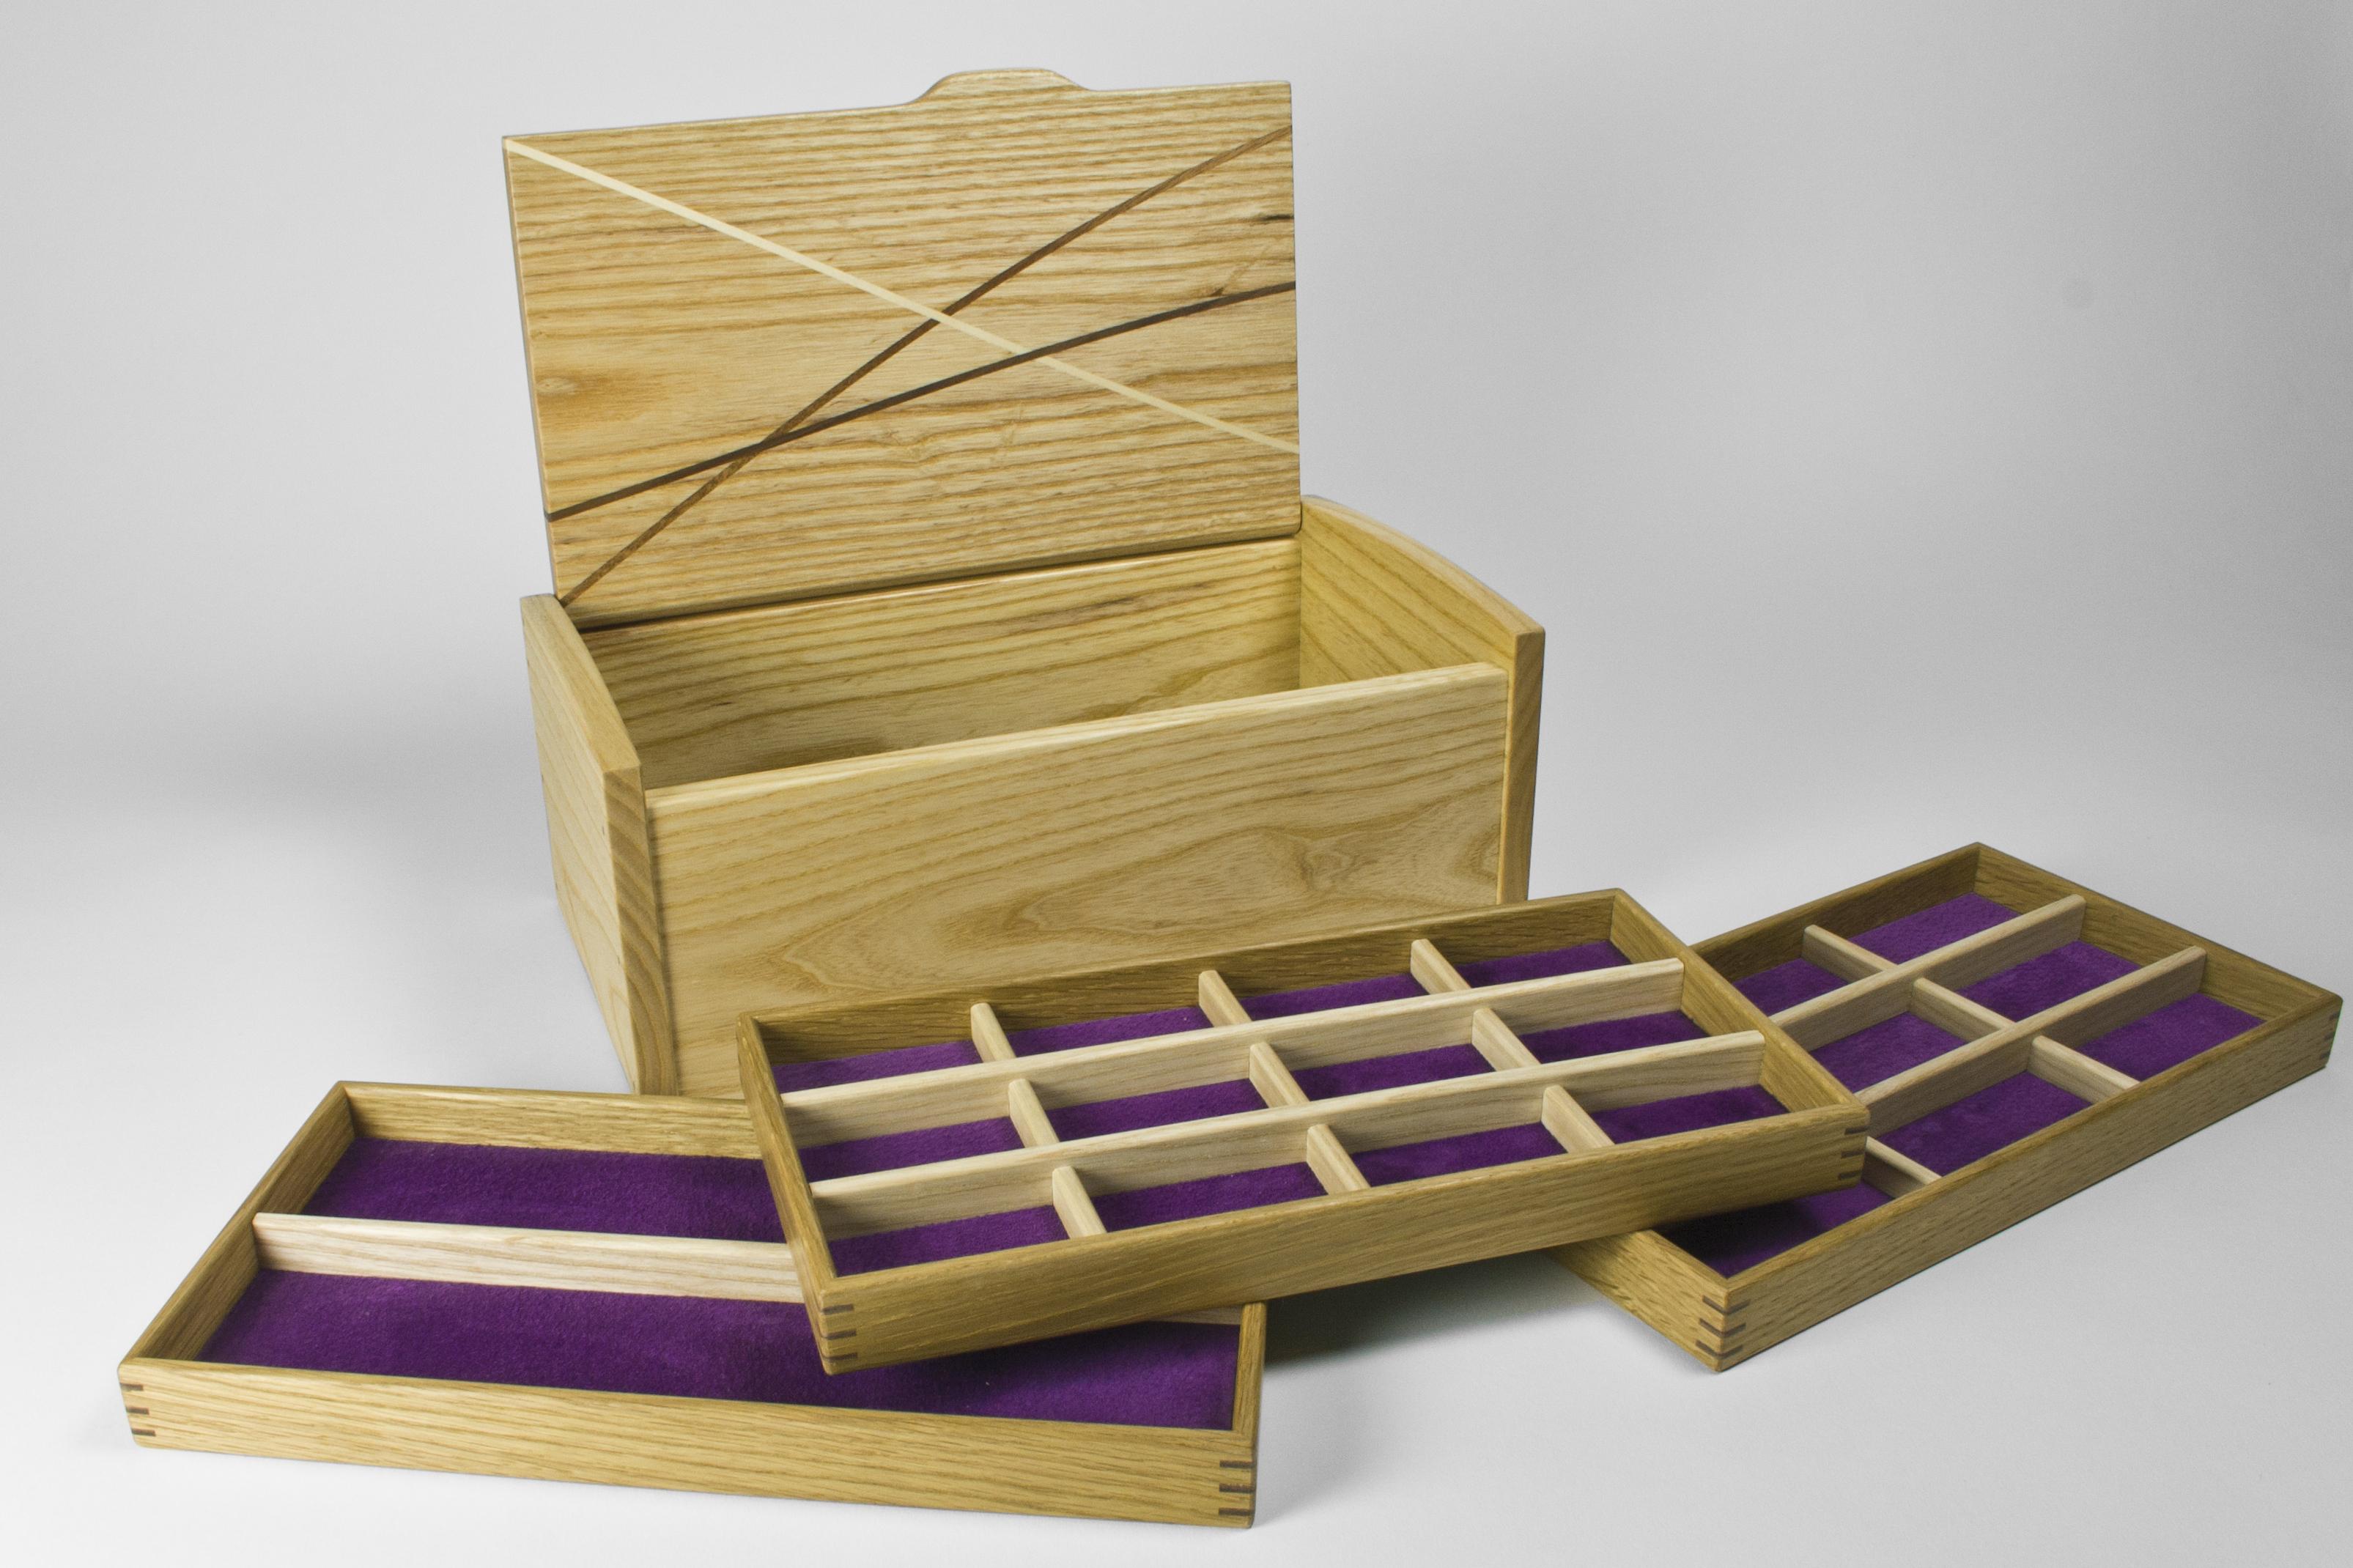 Jewellery box and storage trays